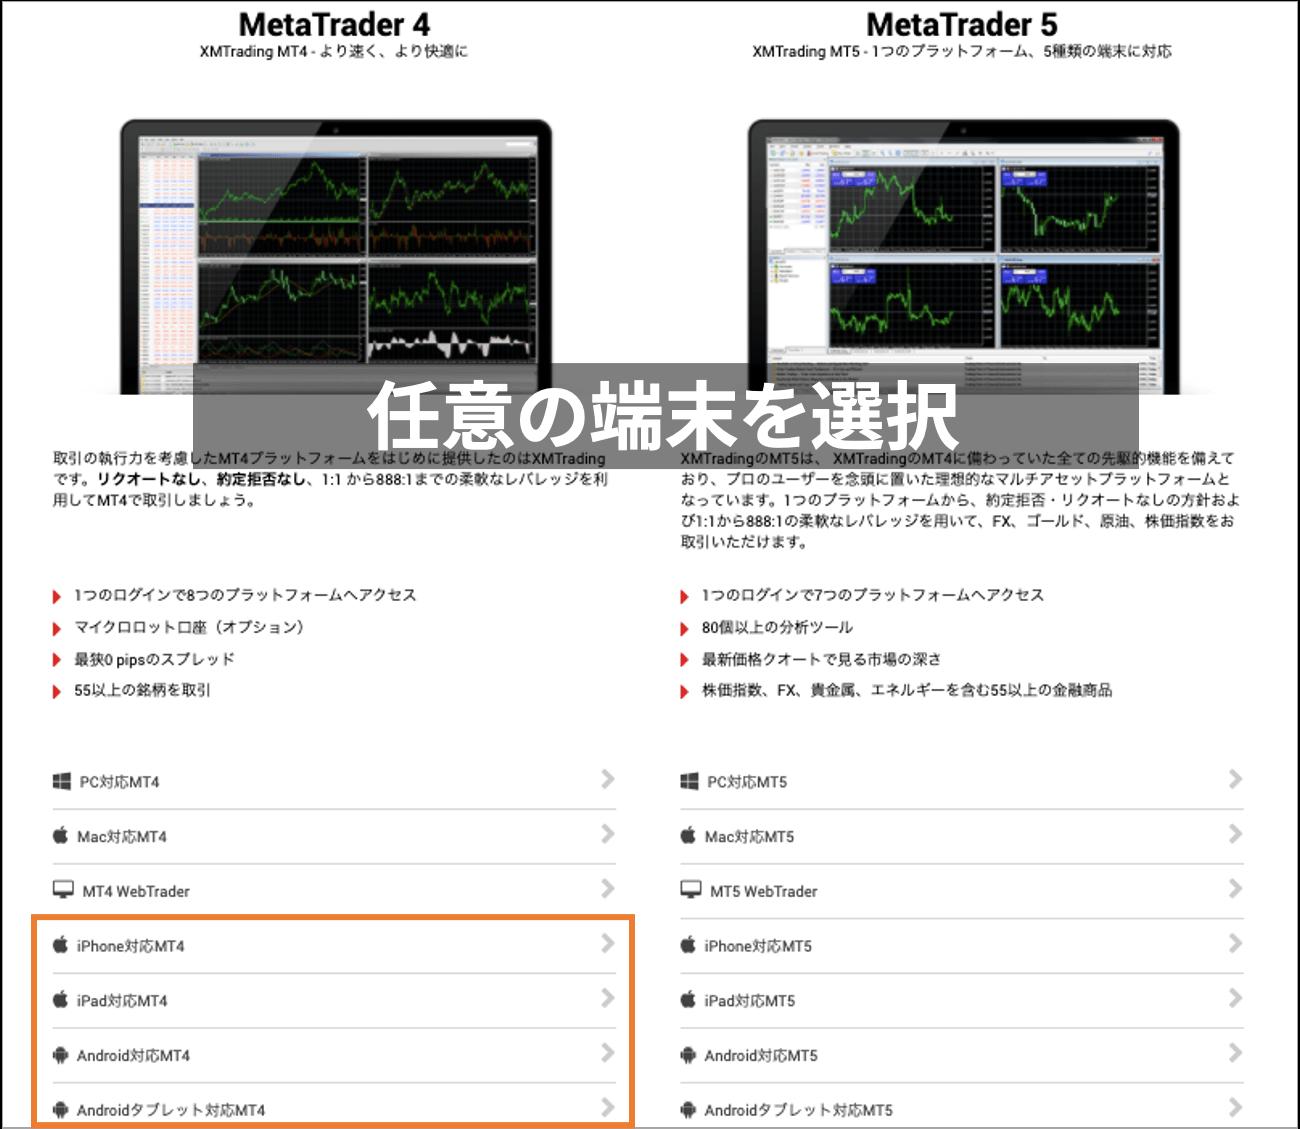 XM スマホ・タブレット対応MT4を選択